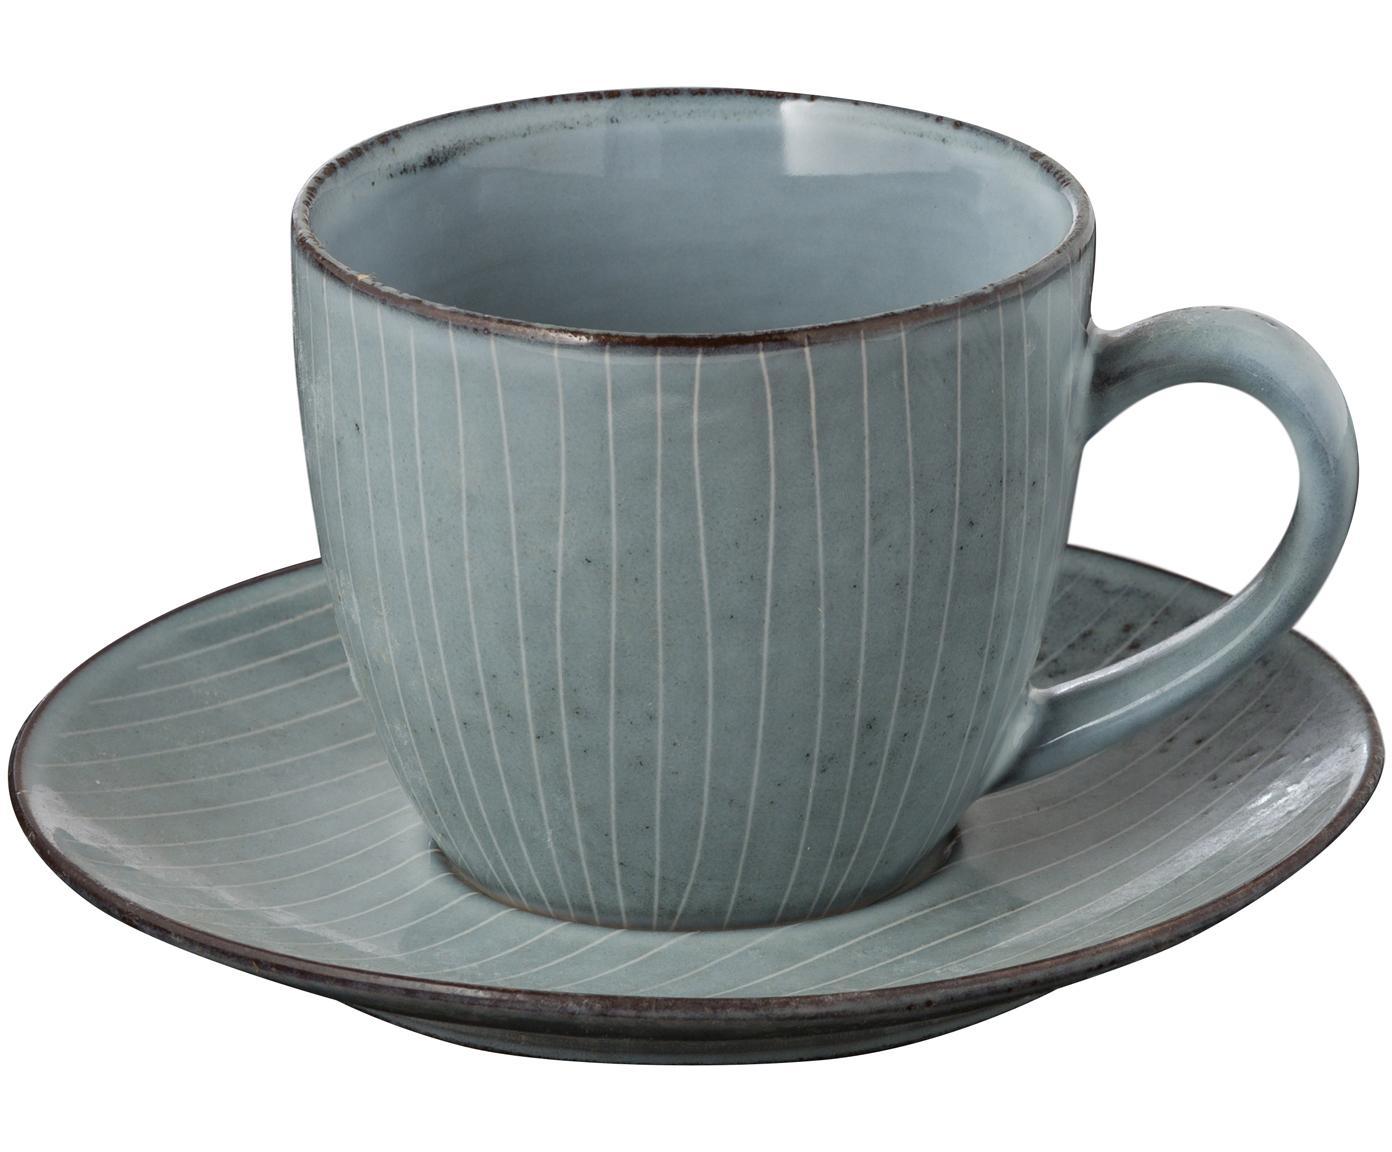 Handgemachte Tasse mit Untertasse Nordic Sea aus Steingut, Steingut, Grau- und Blautöne, Ø 8 x H 7 cm